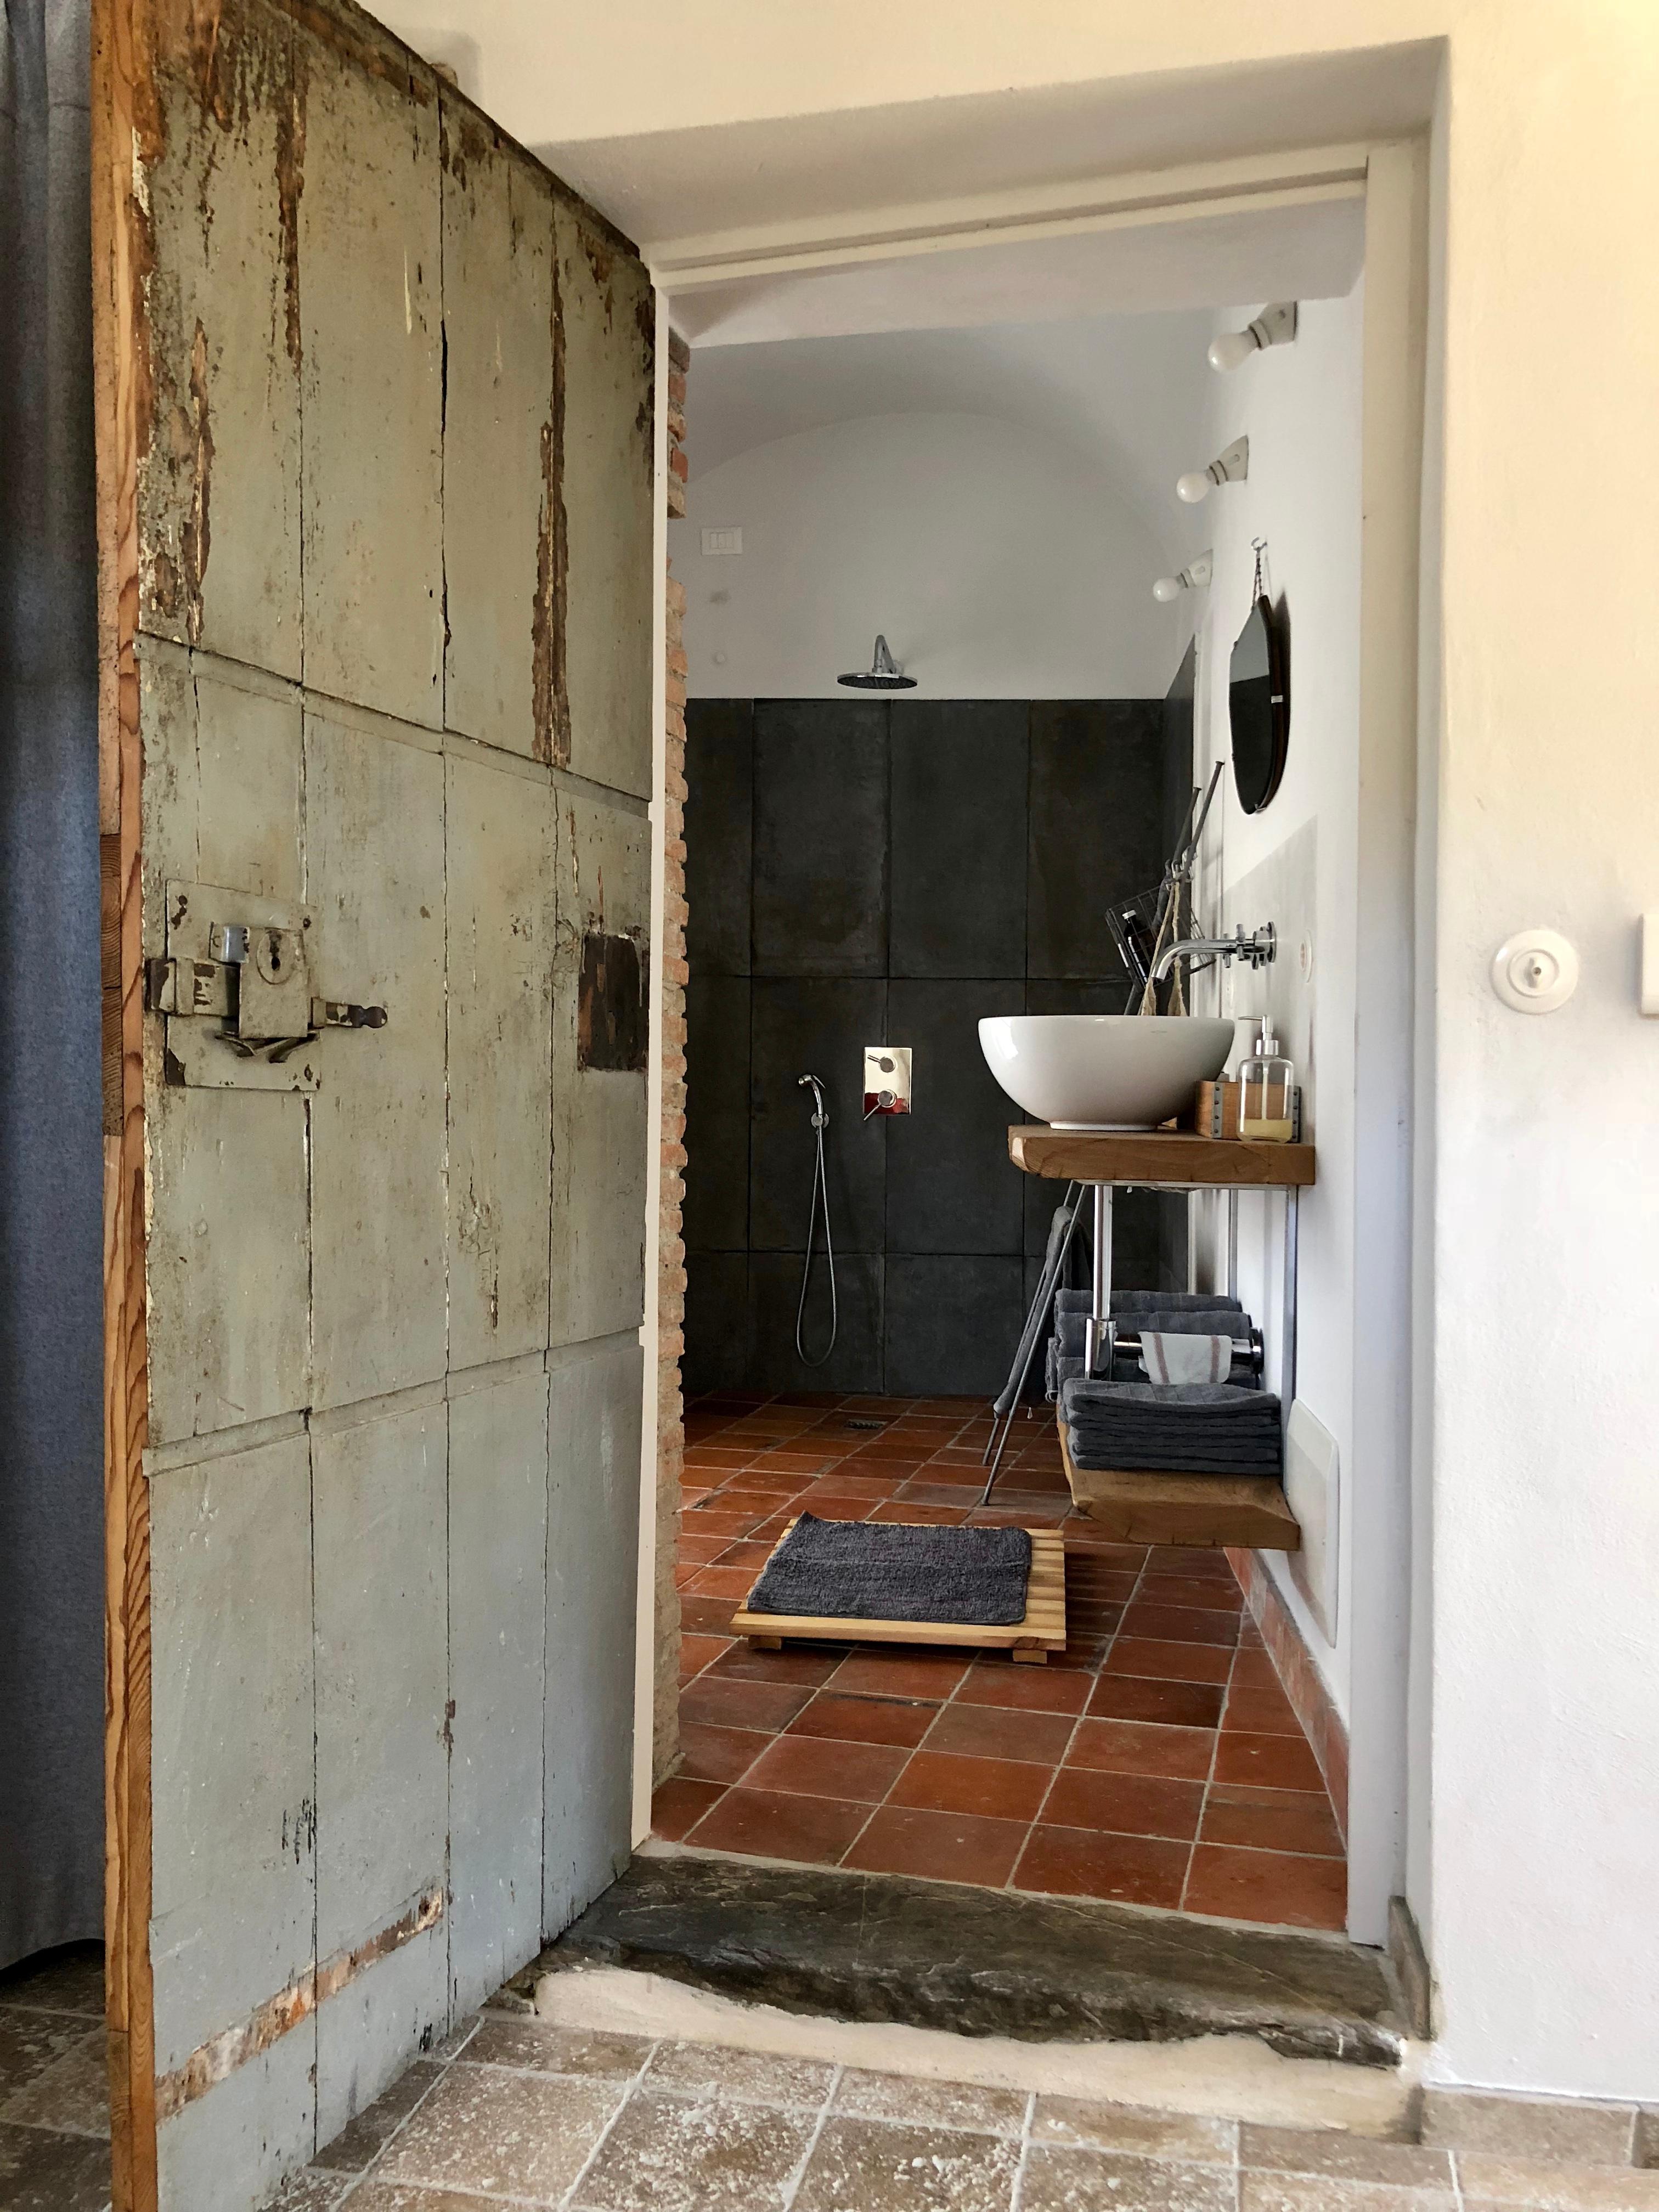 renovieren leicht gemacht – tolle wohnideen und tipps zum renovieren